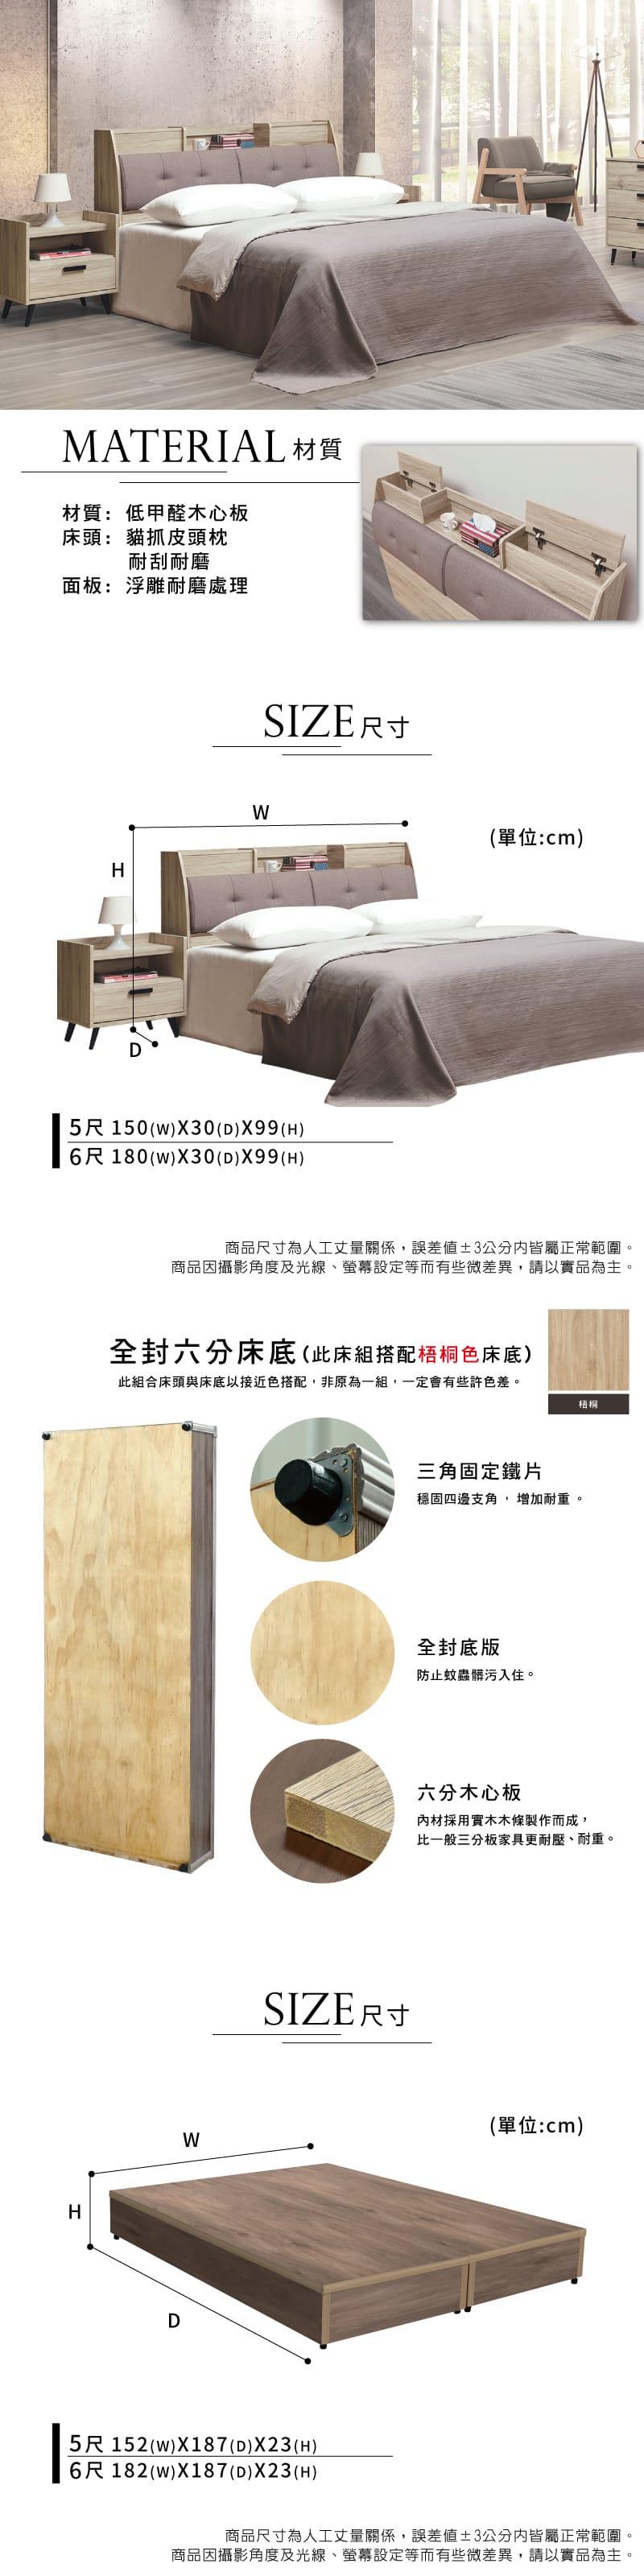 貓抓皮收納床組兩件 雙人加大6尺(床頭箱+床底)【威力】